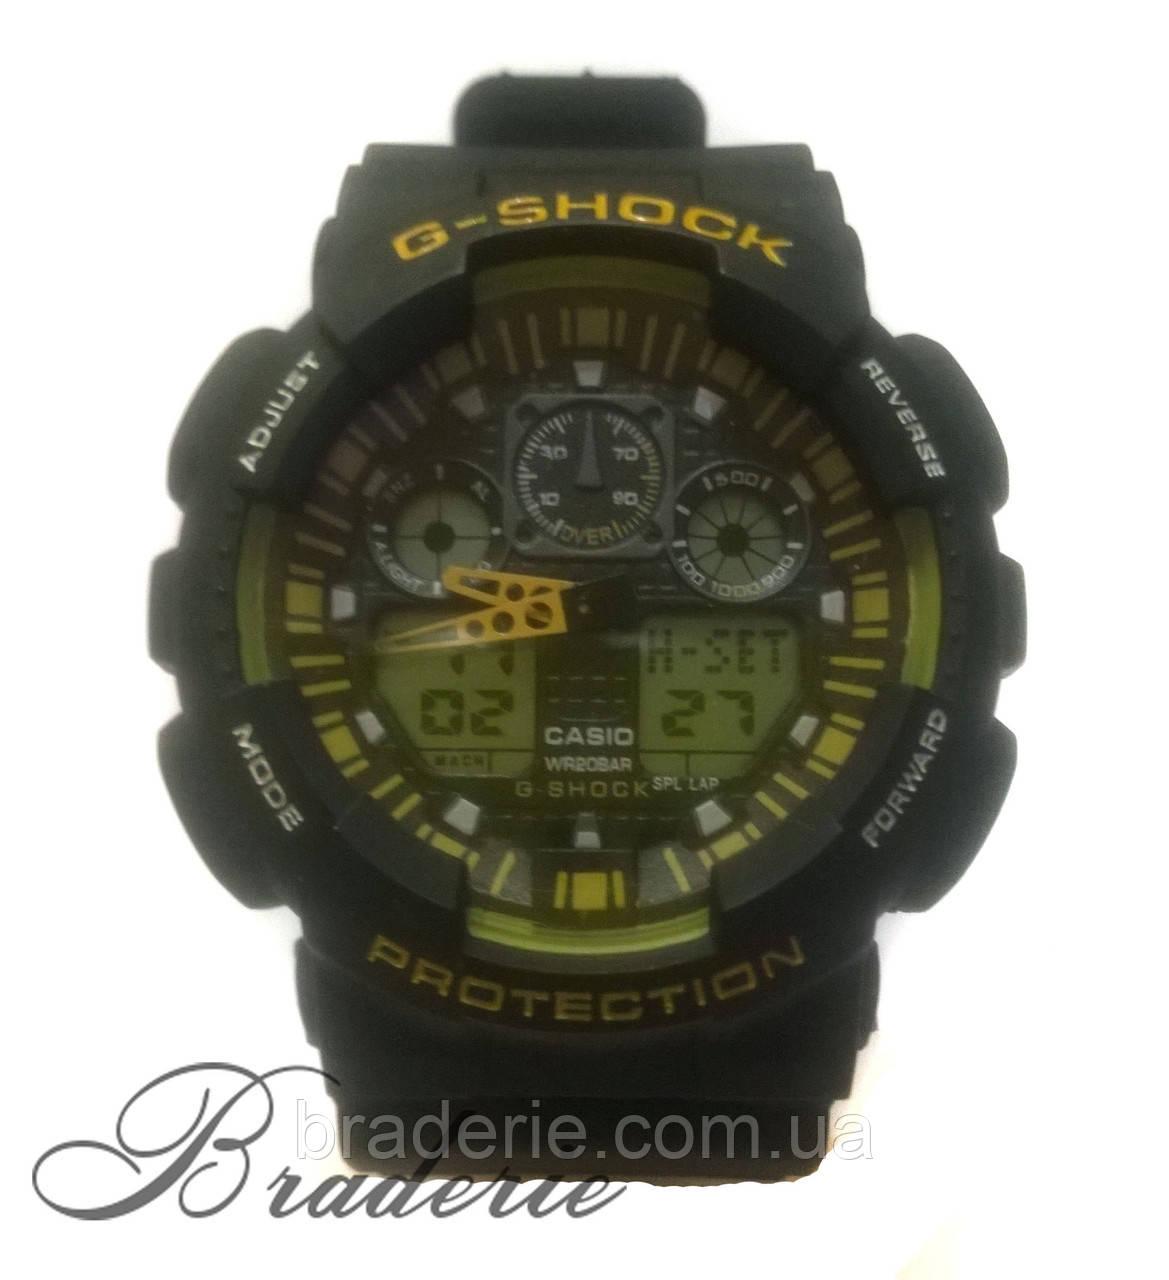 Наручные часы Casio G-Shock 1205